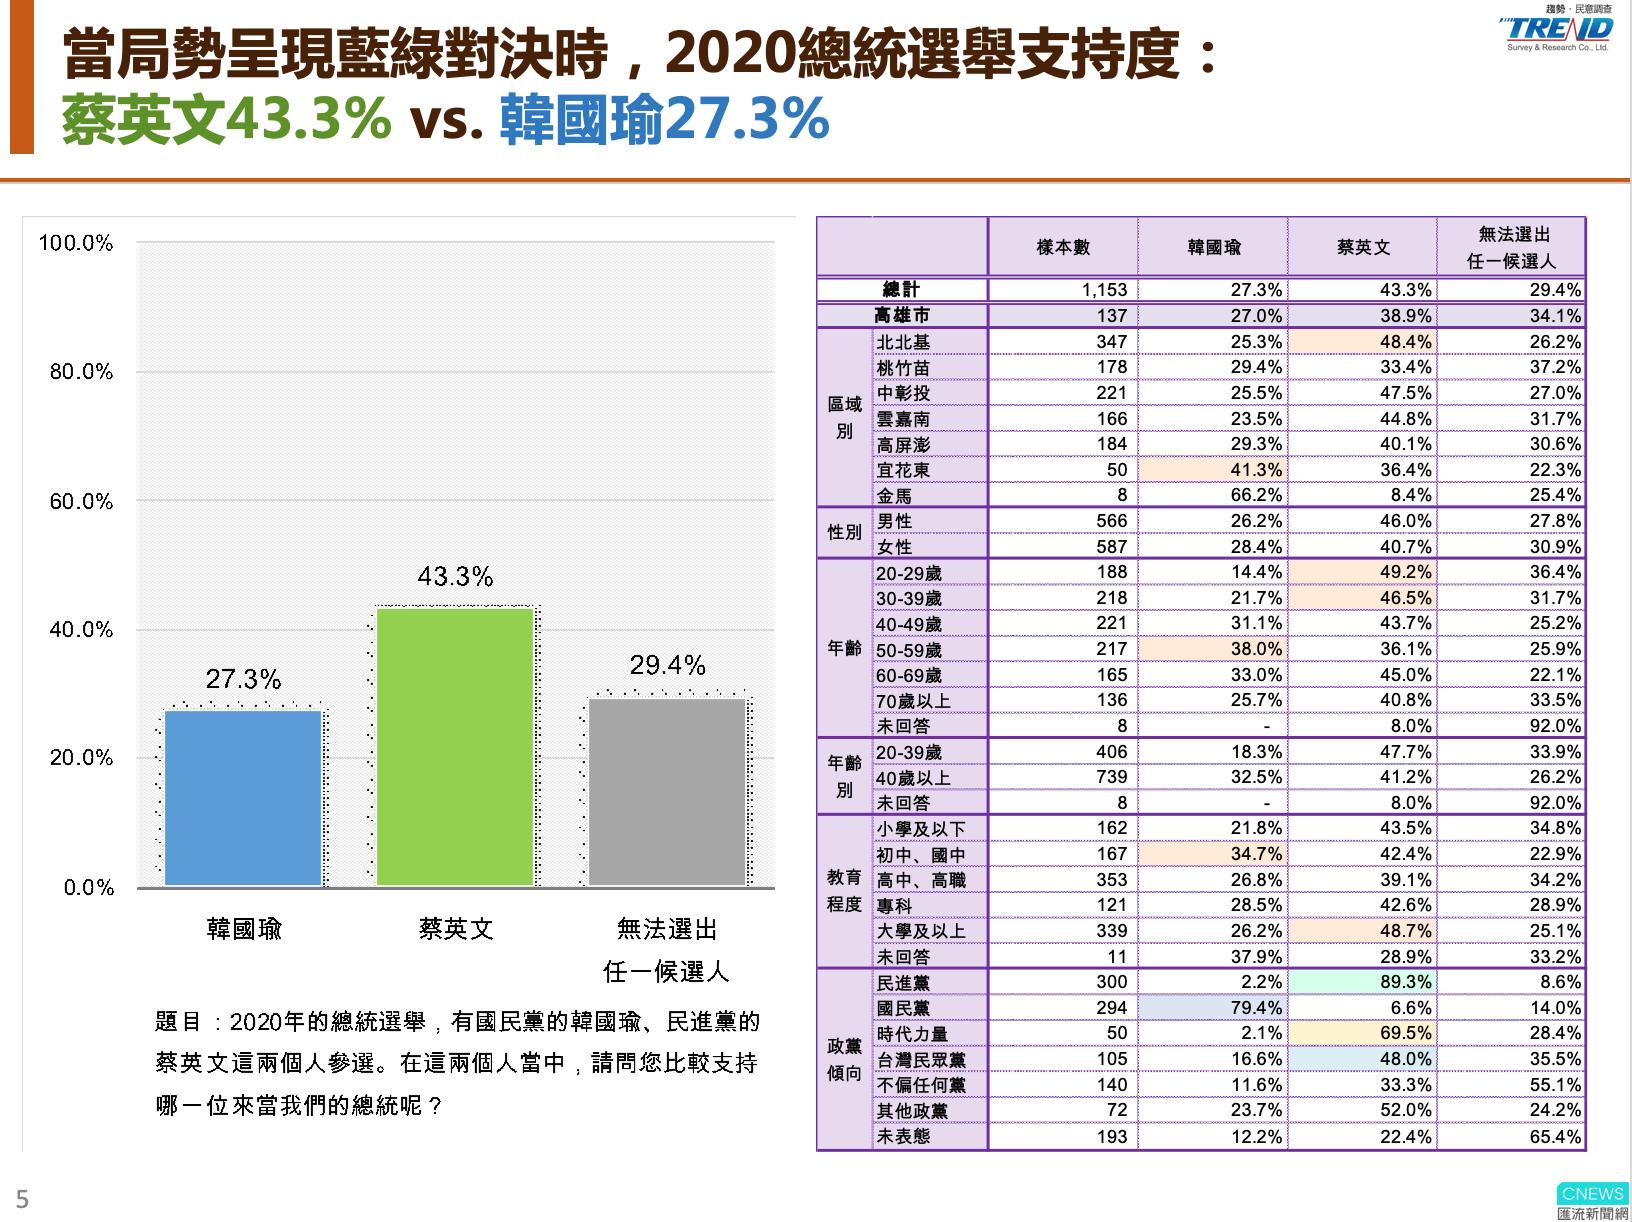 【匯流民調】最新第十二波匯流民調 蔡英文持續領先贏韓國瑜16個百分點 市長挺韓高雄市民 近兩成總統轉支持蔡英文